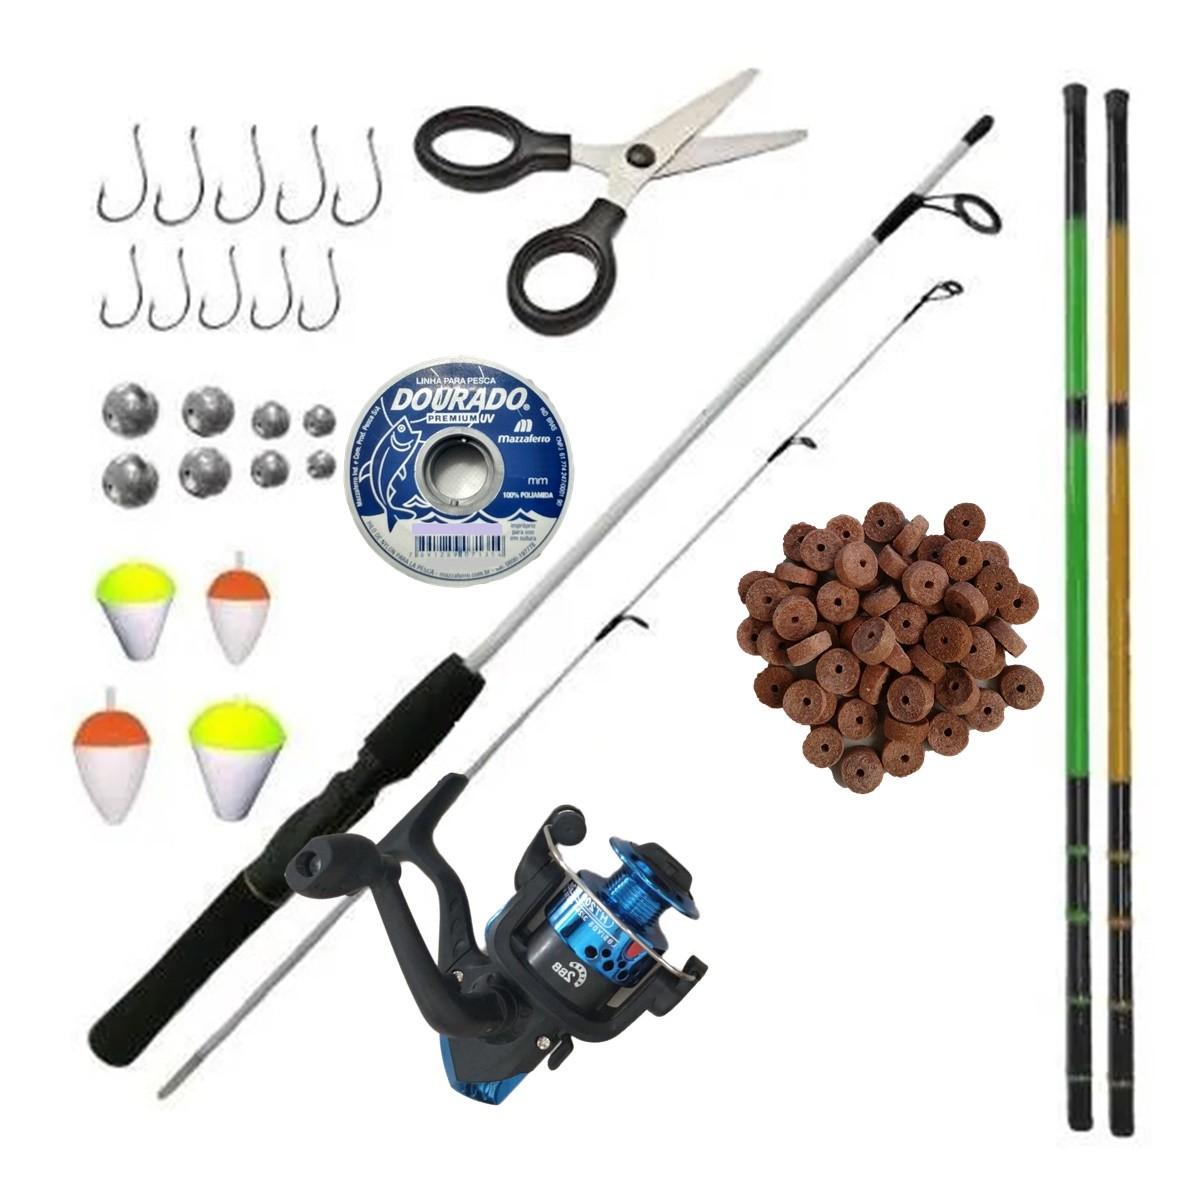 Kit De Pesca Completo Vara 6kg Molinete E Variados Itens